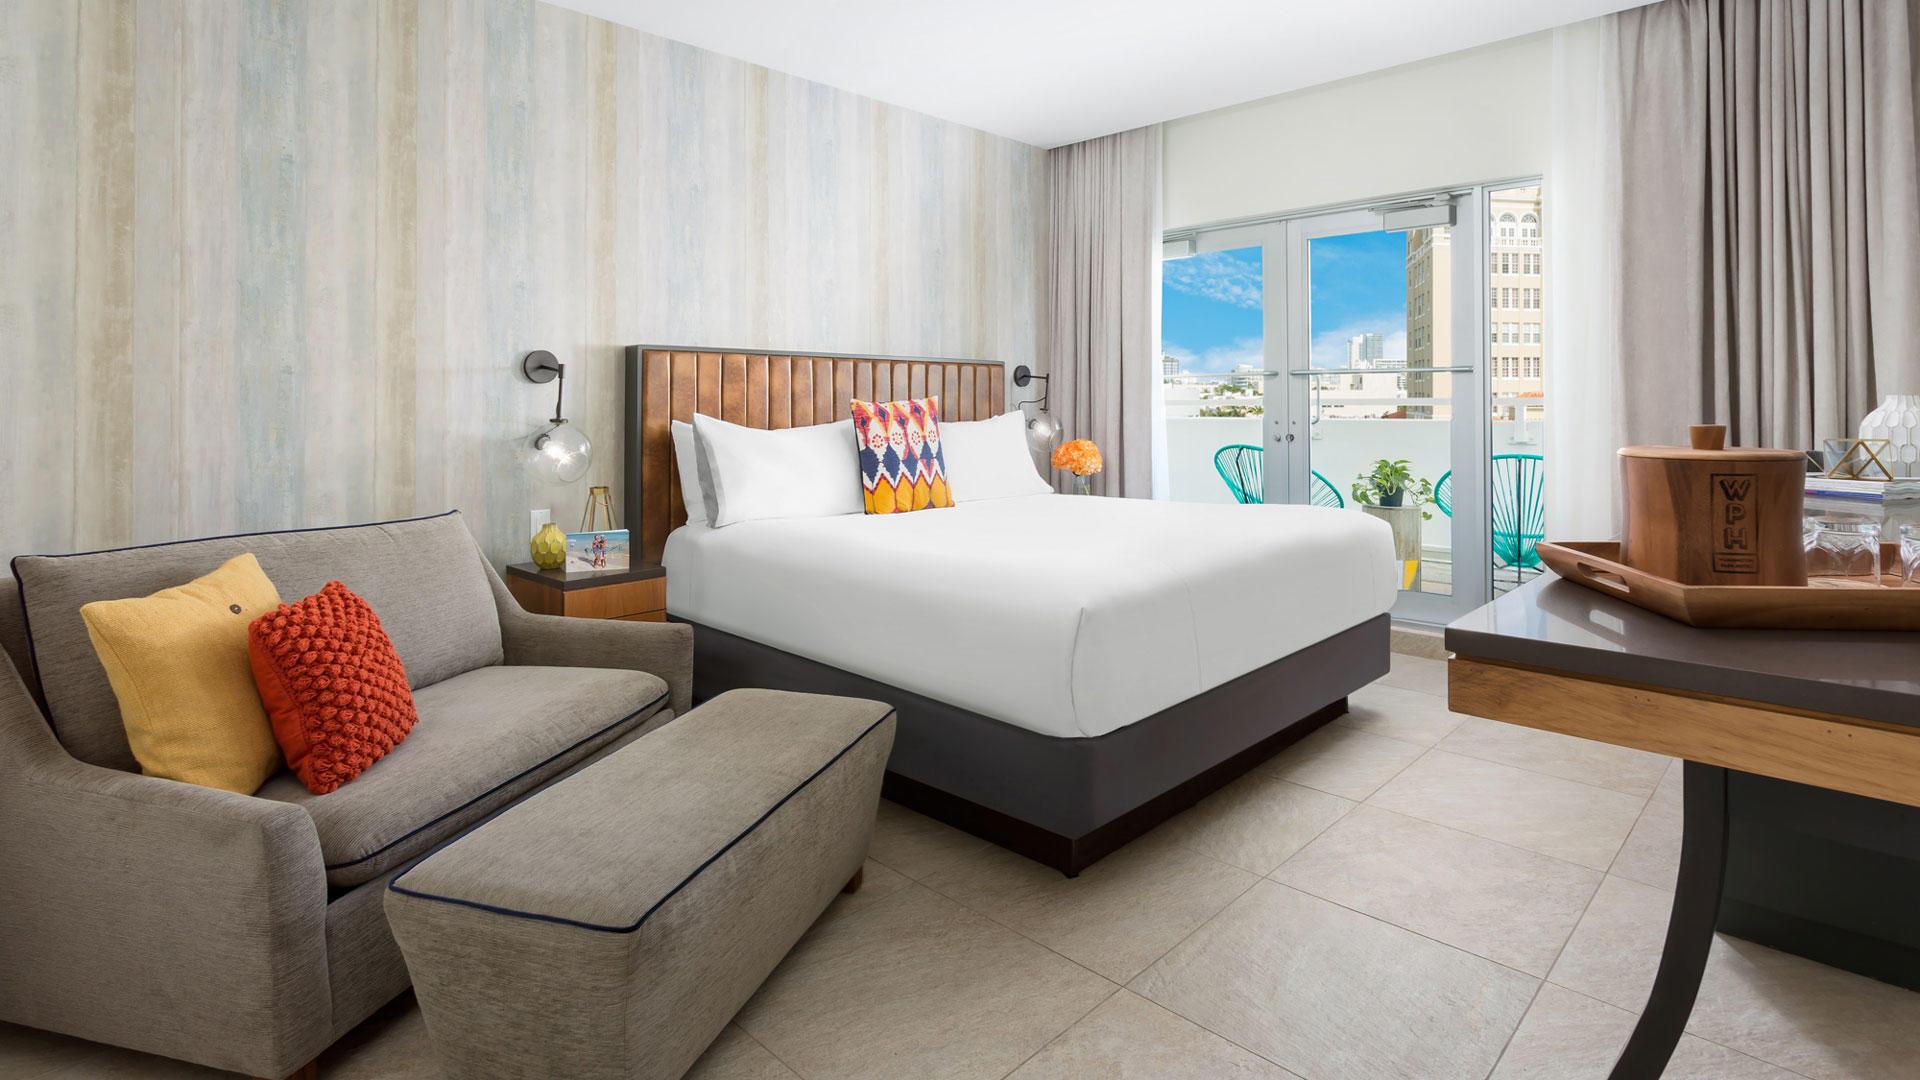 Washington Park Hotel image 0